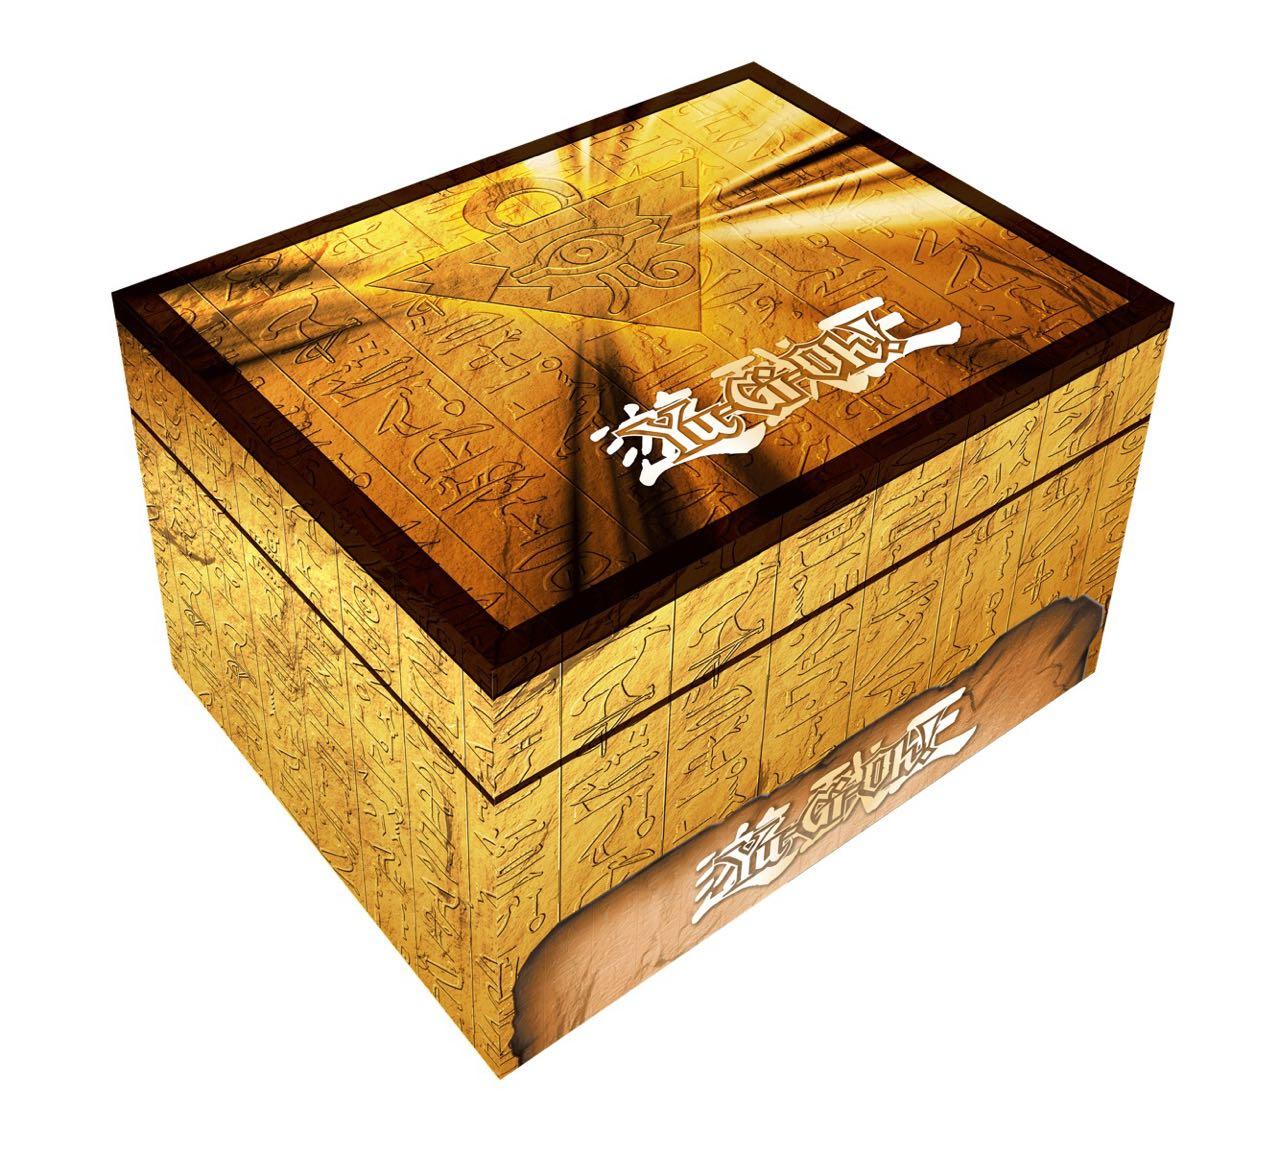 KSM Anime: Neue Infos zur «Yu-Gi-Oh!»-Komplettedition veröffentlicht ...